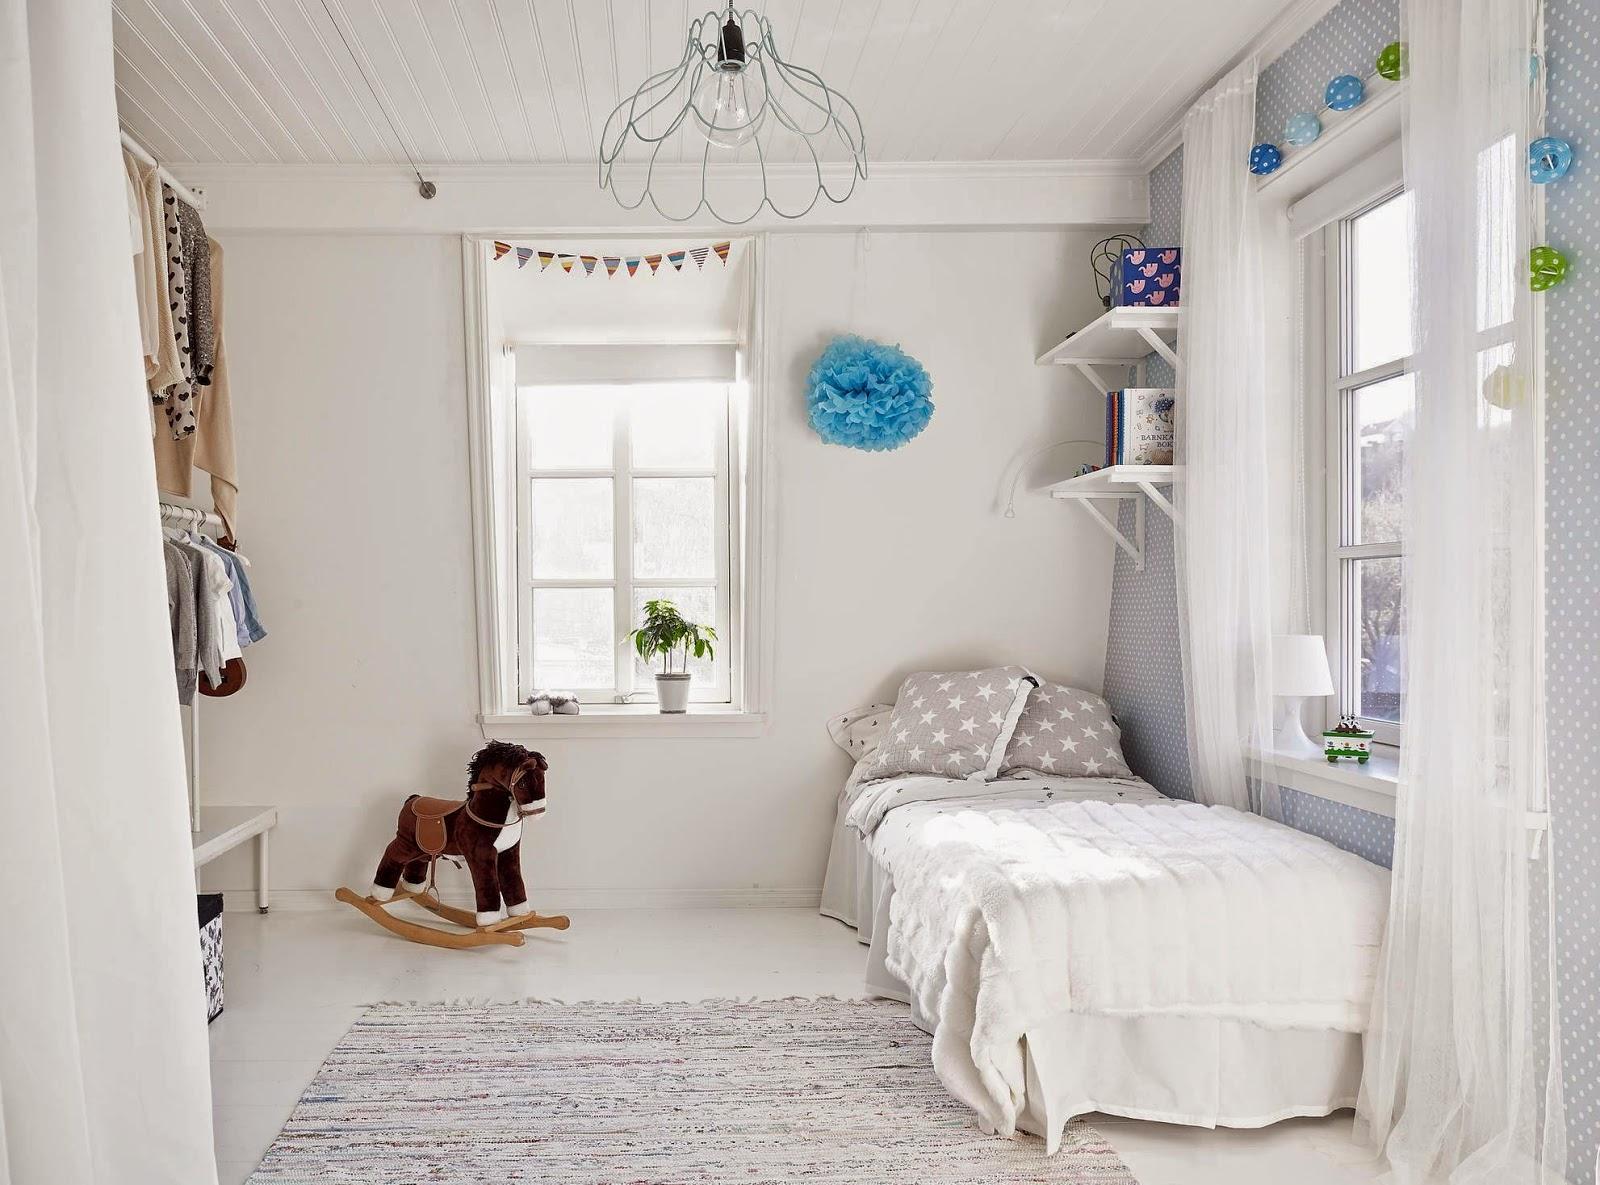 Cars Slaapkamer Ideeen : Inloopkast in slaapkamer perfect inloopkast naast slaapkamer